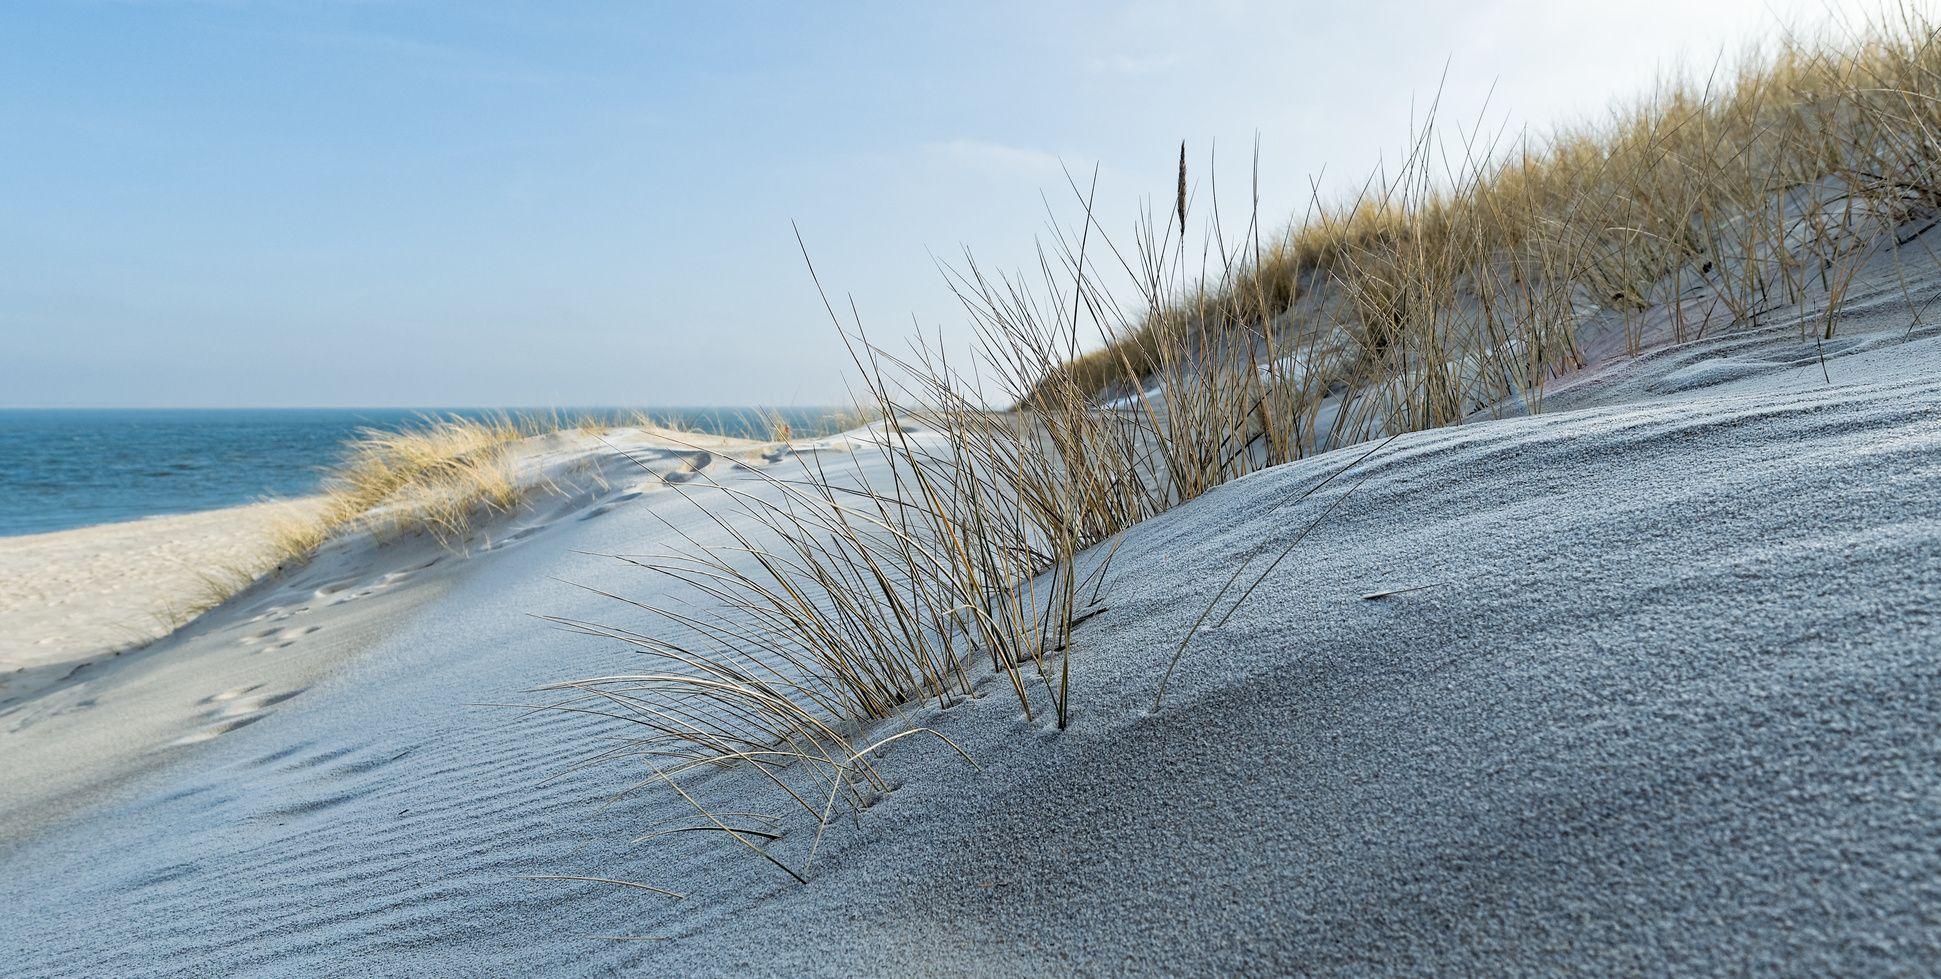 Juist Eine Insel Im Winter Green Pearls Die Zukunft